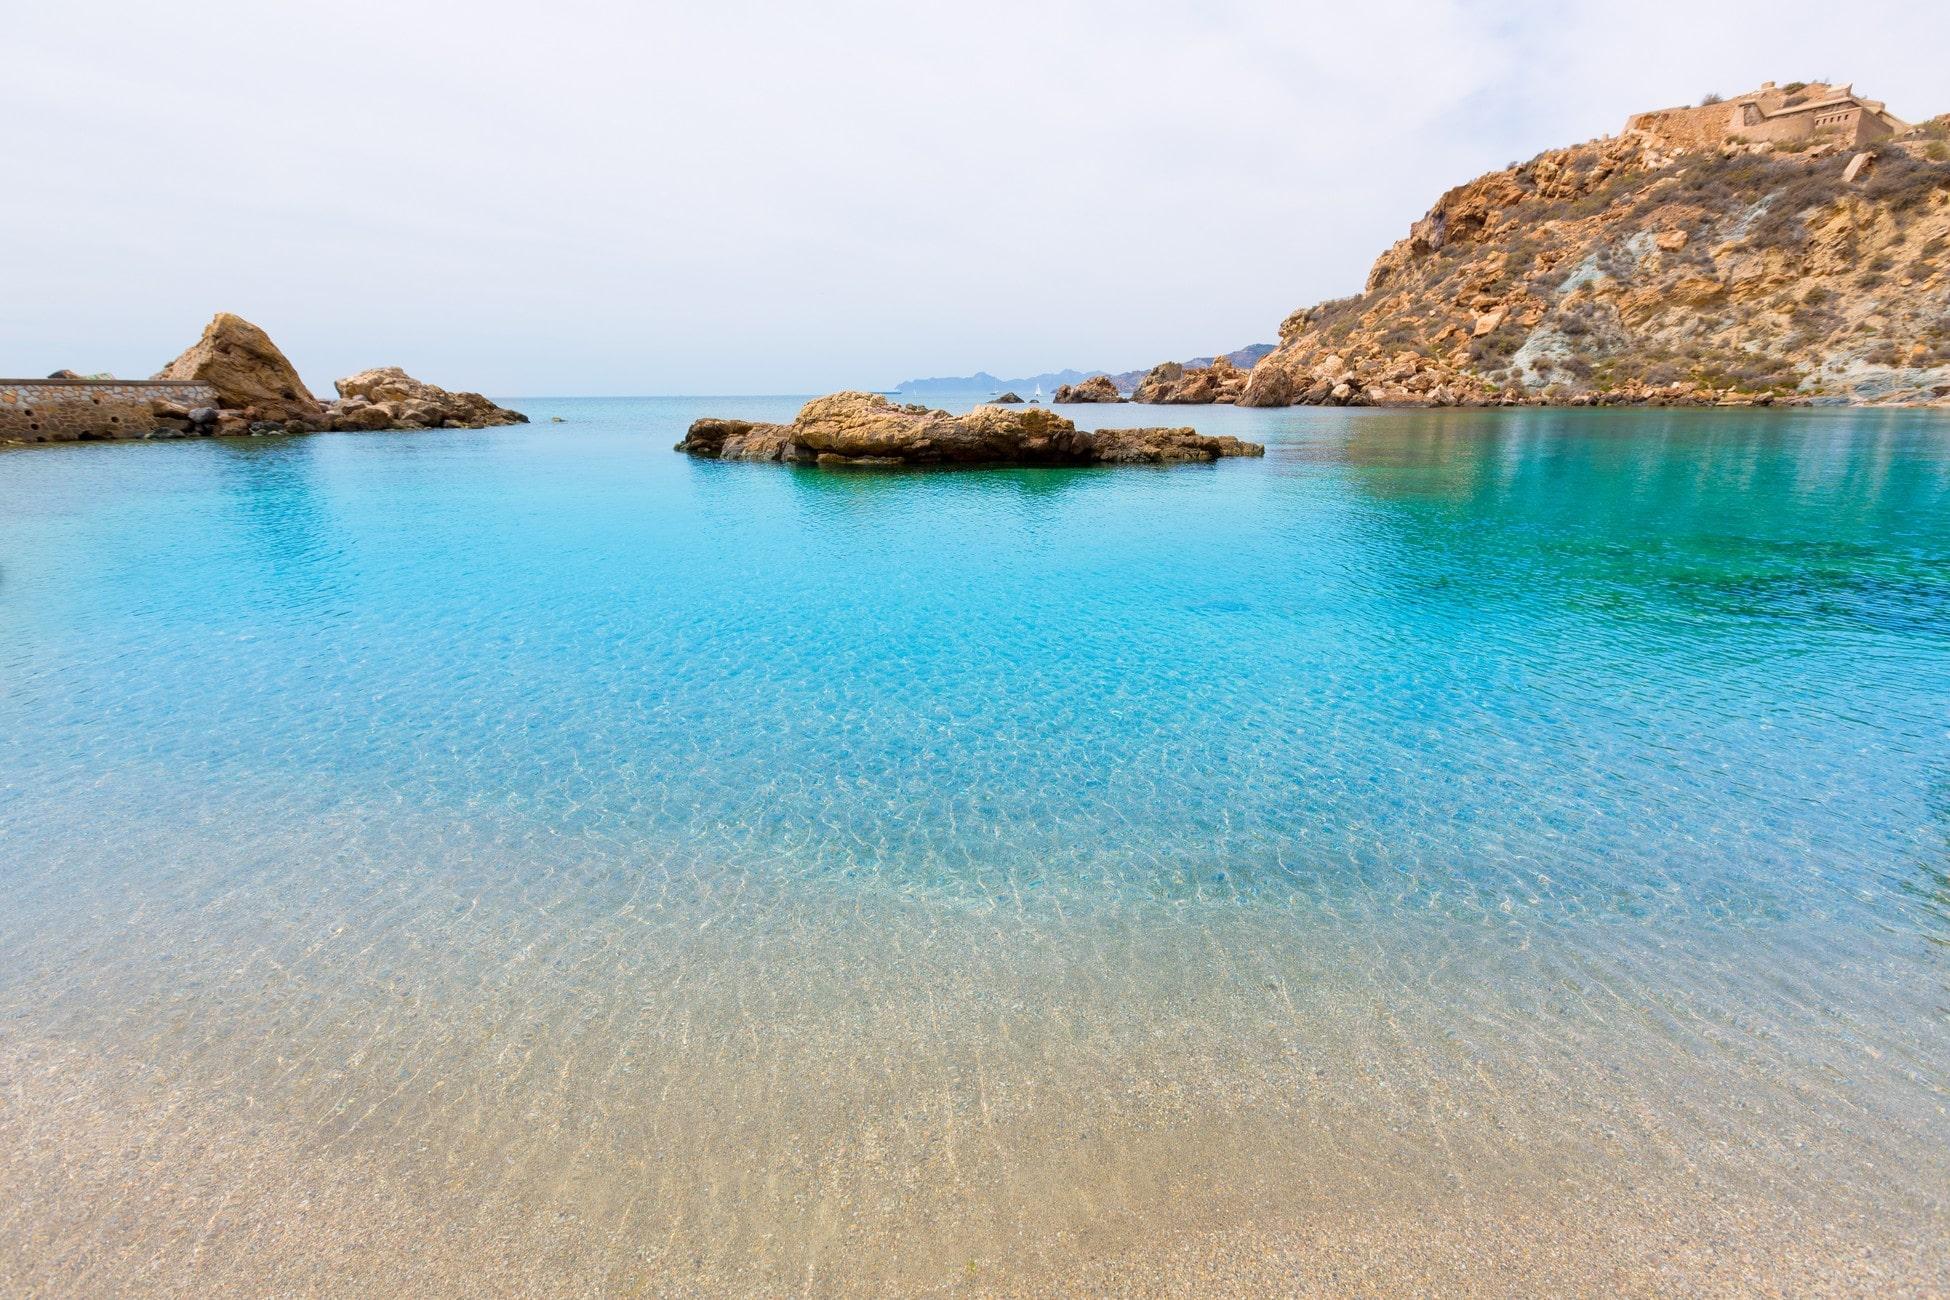 Une escapade dans la Région de Murcie pour prolonger l'été